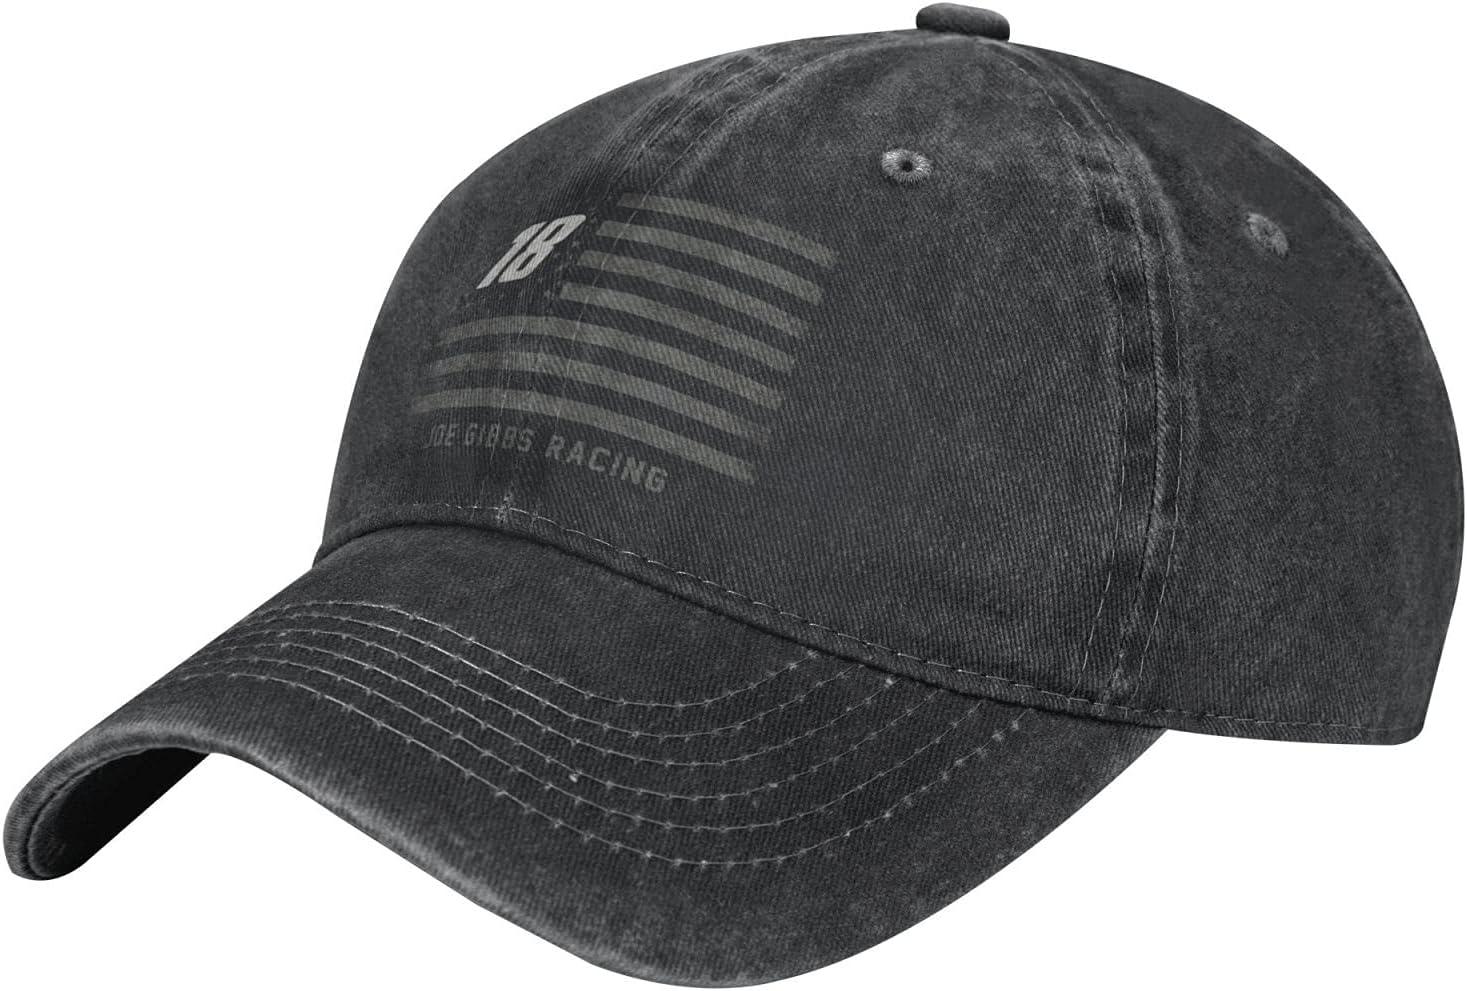 GAiNViEW Kyle Busch Denim Cap Adjustable Plain Baseball Cowboy Hat Cotton Sunbonnet Plain Hat Black